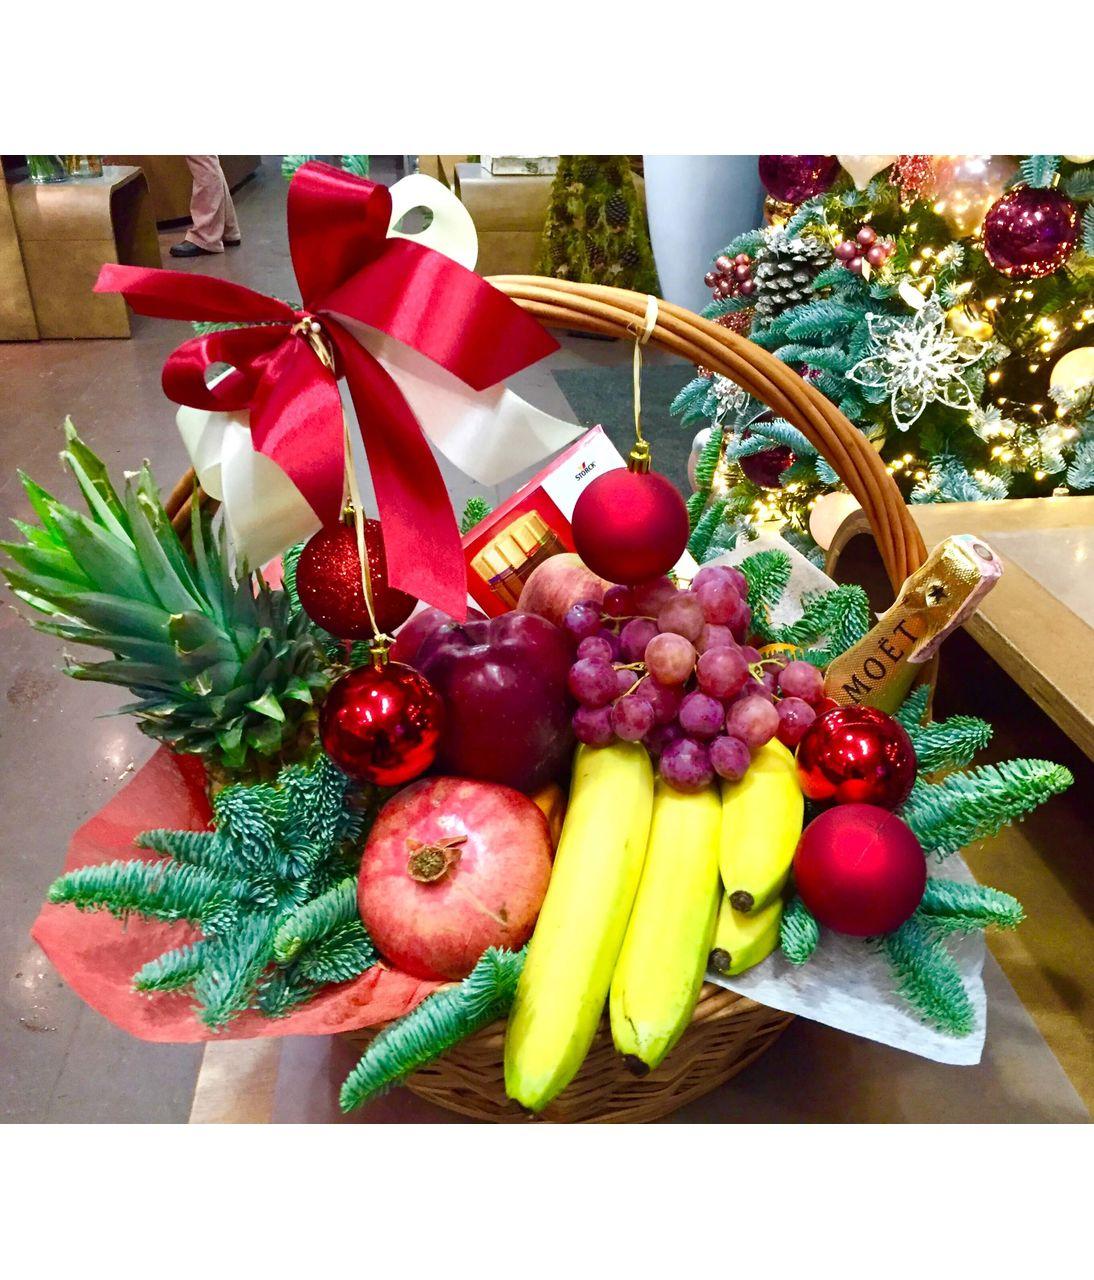 Новогодняя фруктовая корзина. superflowers.com.ua. Купить фрукты в корзине на Новый Год